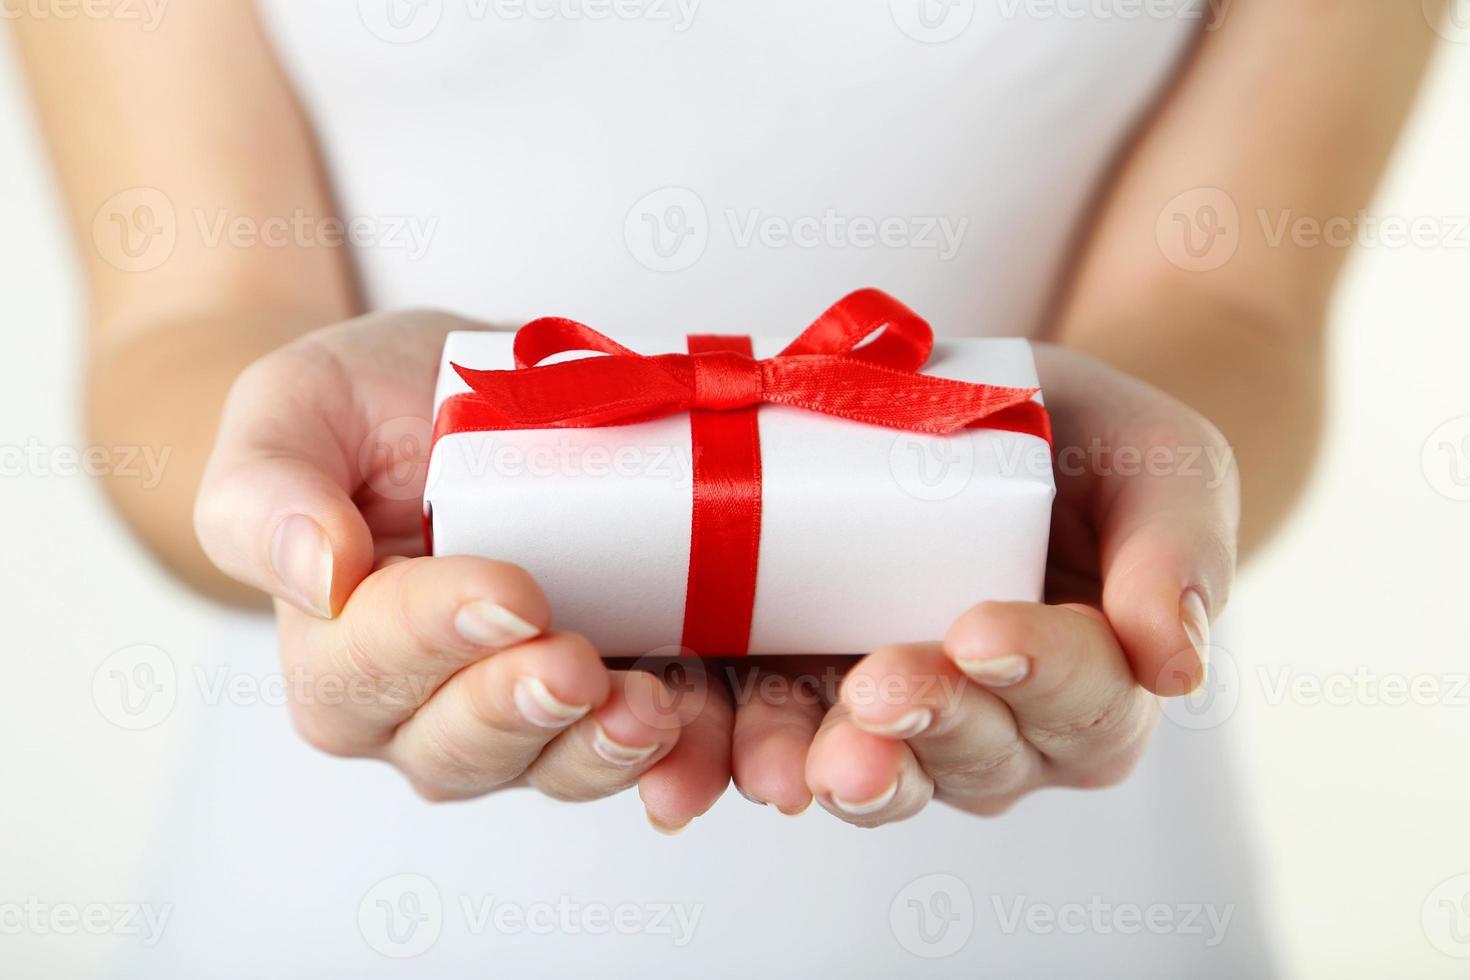 femininas mãos segurando uma caixa de presente foto